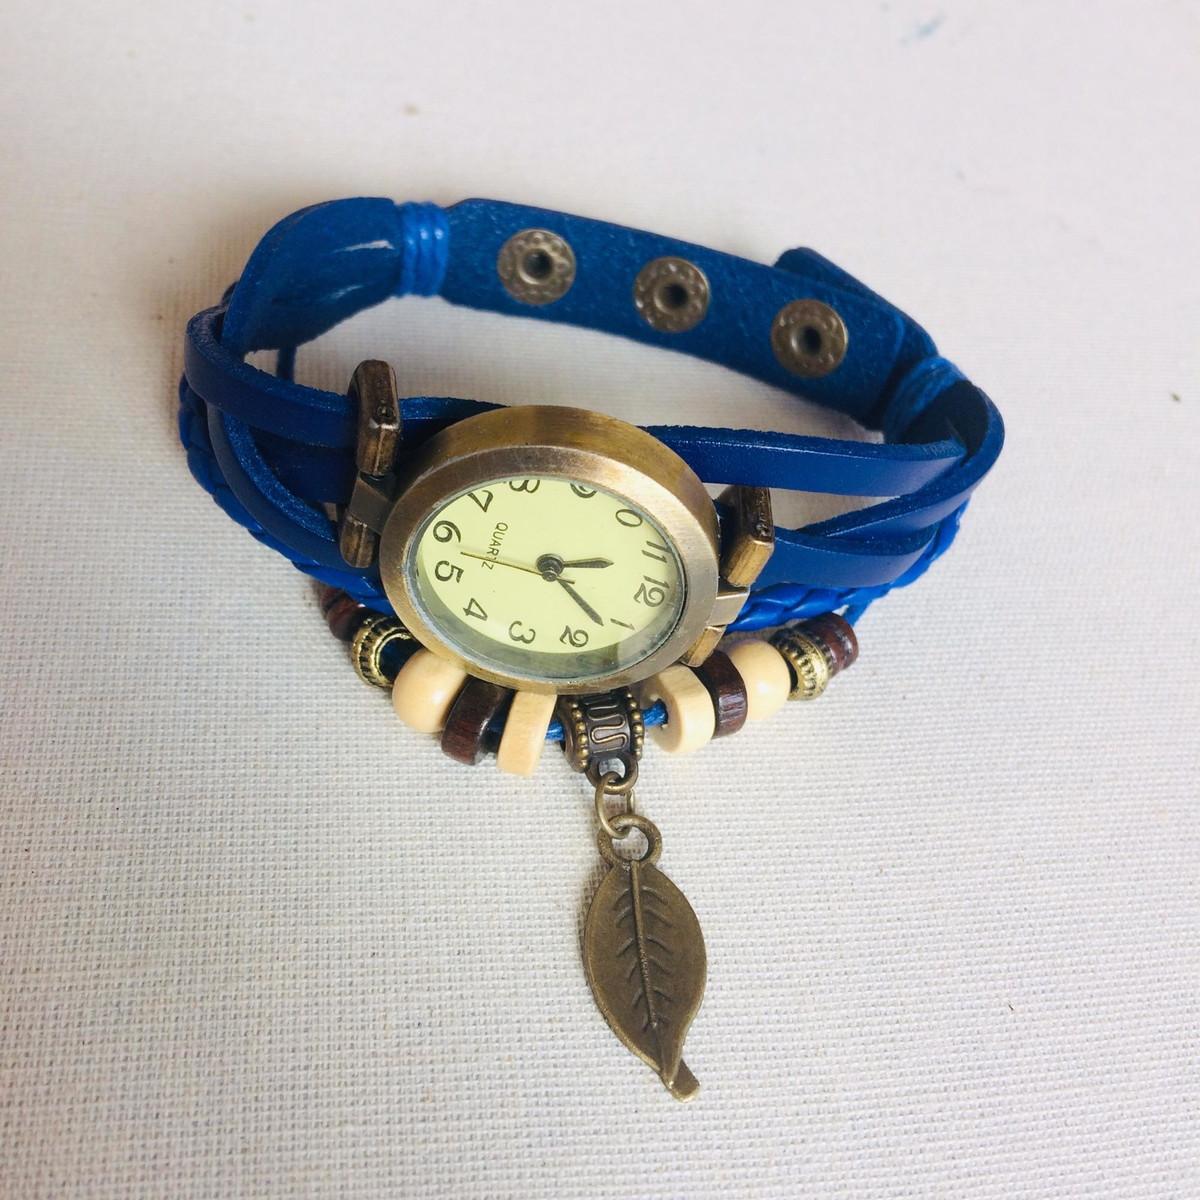 873031466a4 Relógio De Pulso Feminino em Couro Azul Marinho Vintage no Elo7 ...